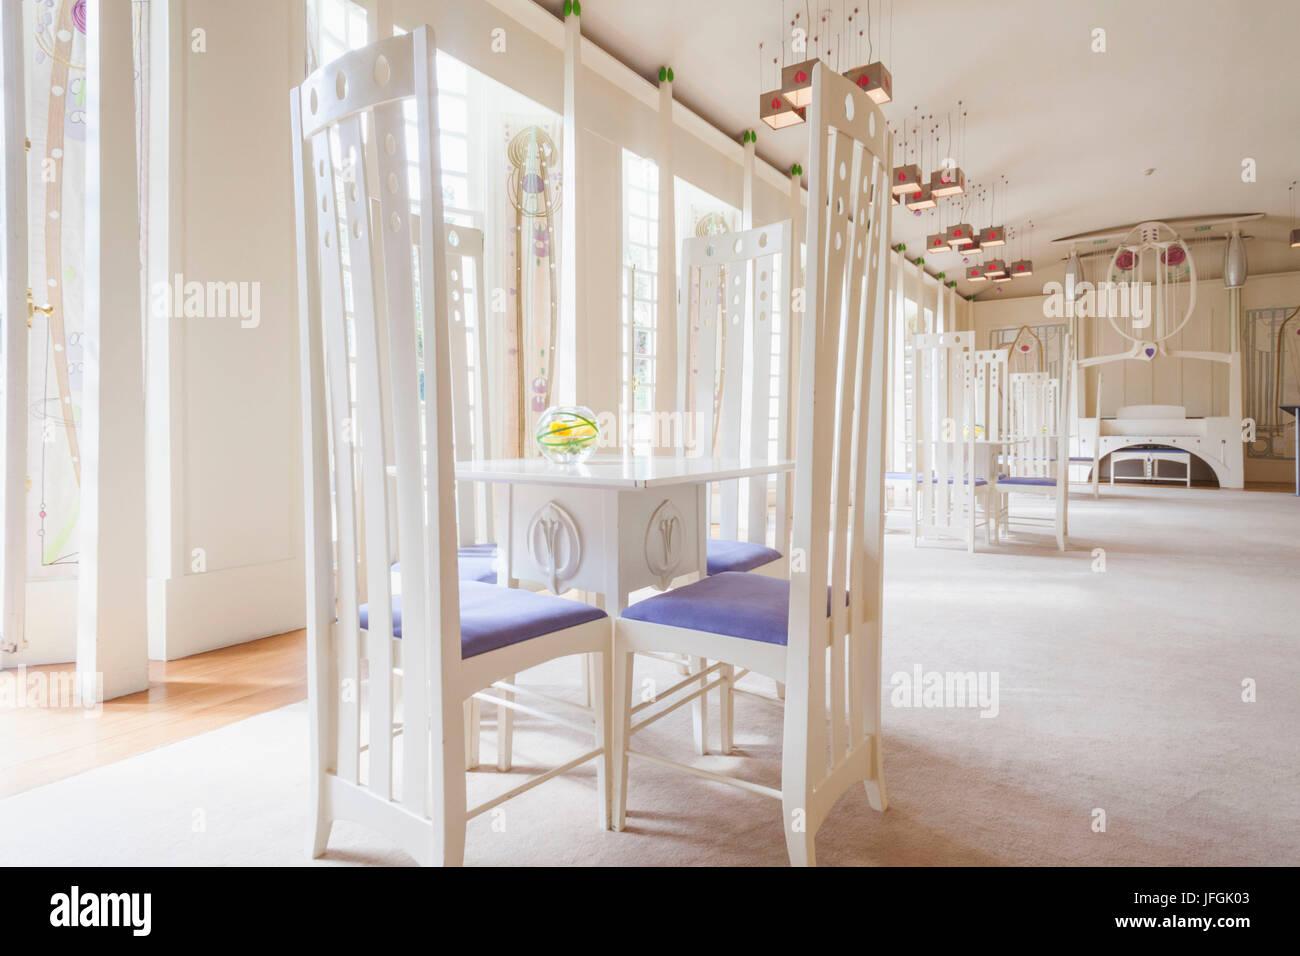 La Scozia, Glasgow, Bellahouston Park, casa per un amante dell'arte, mostre di Charles Rennie Mackintosh mobili Immagini Stock